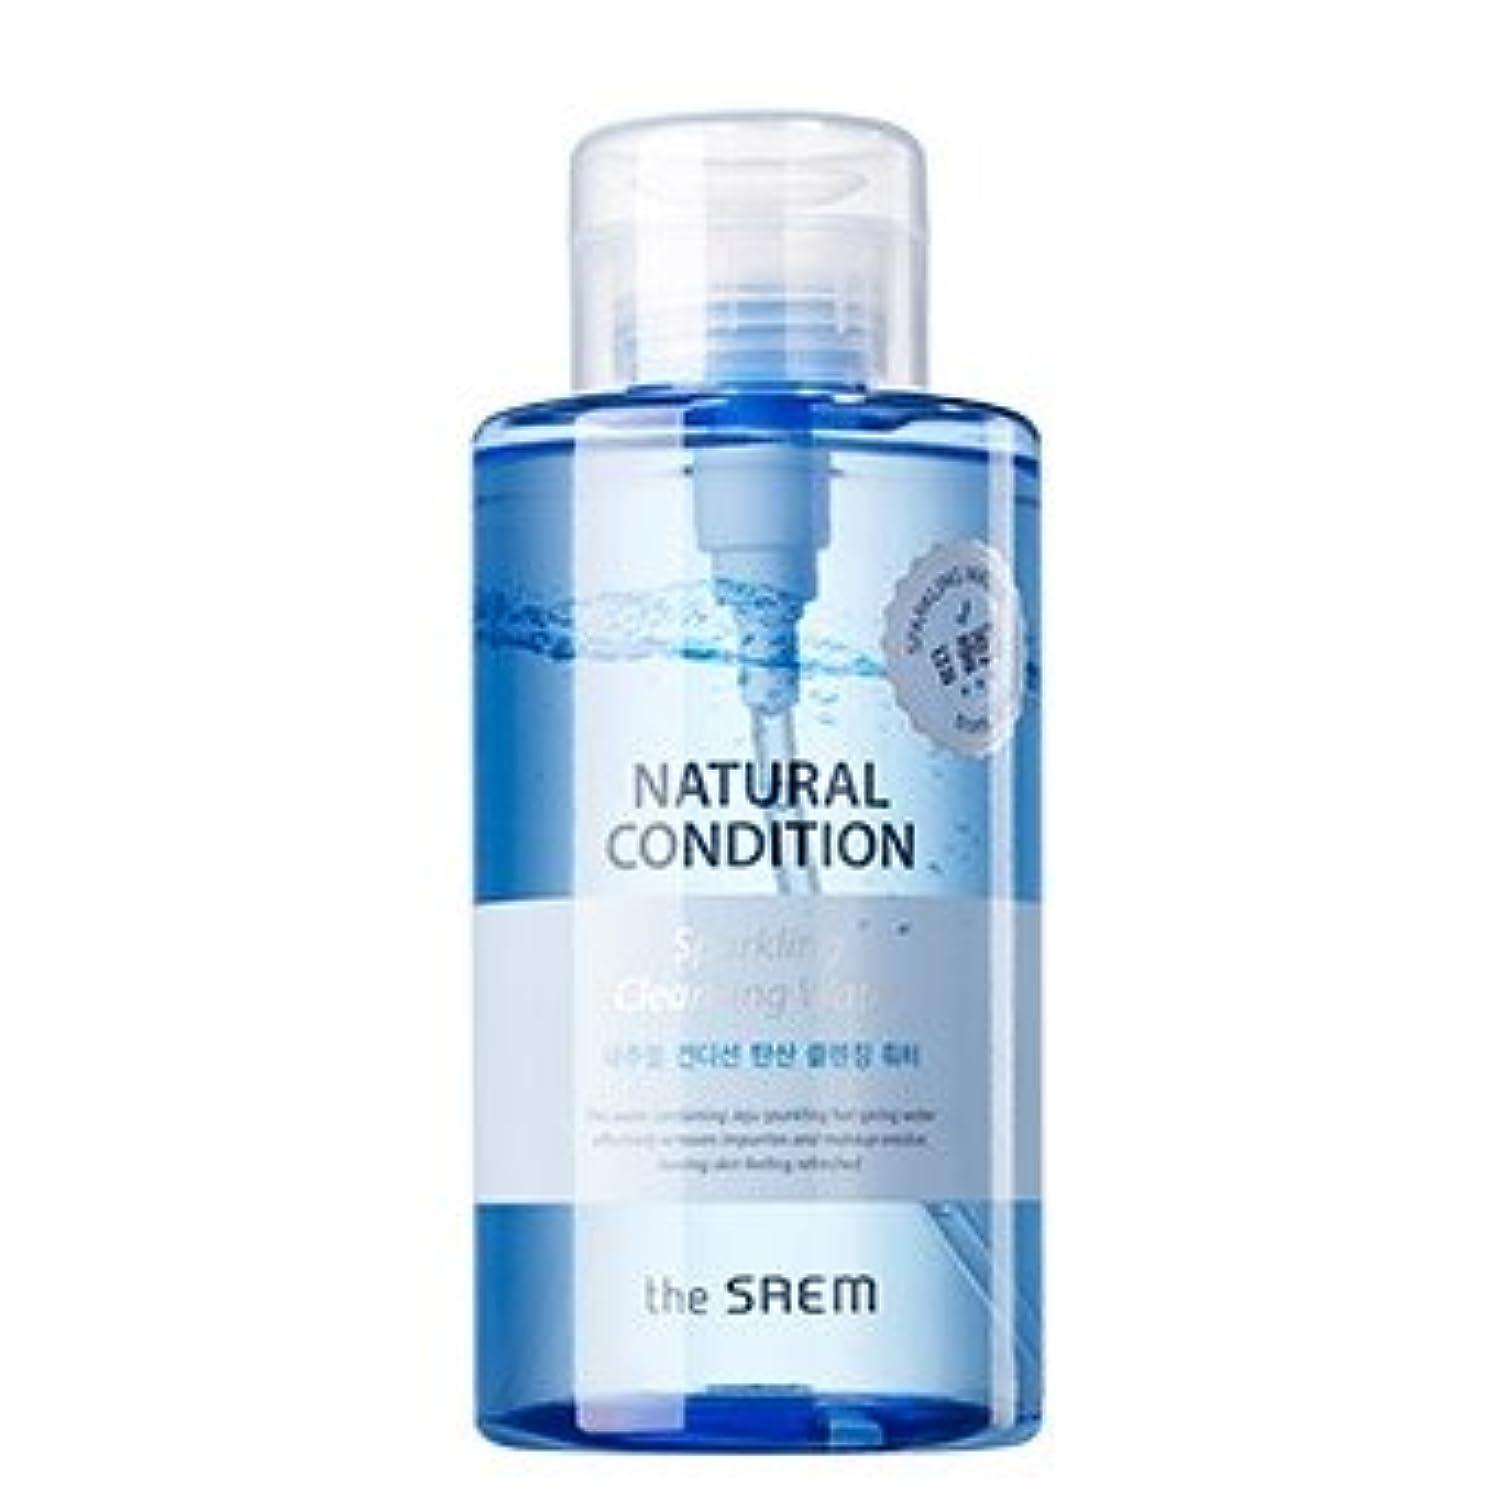 興奮する海上デッキthe SAEM Natural Condition Sparkling Cleansing Water 500ml/ザセム ナチュラル コンディション スパークリング クレンジングウォーター 500ml [並行輸入品]